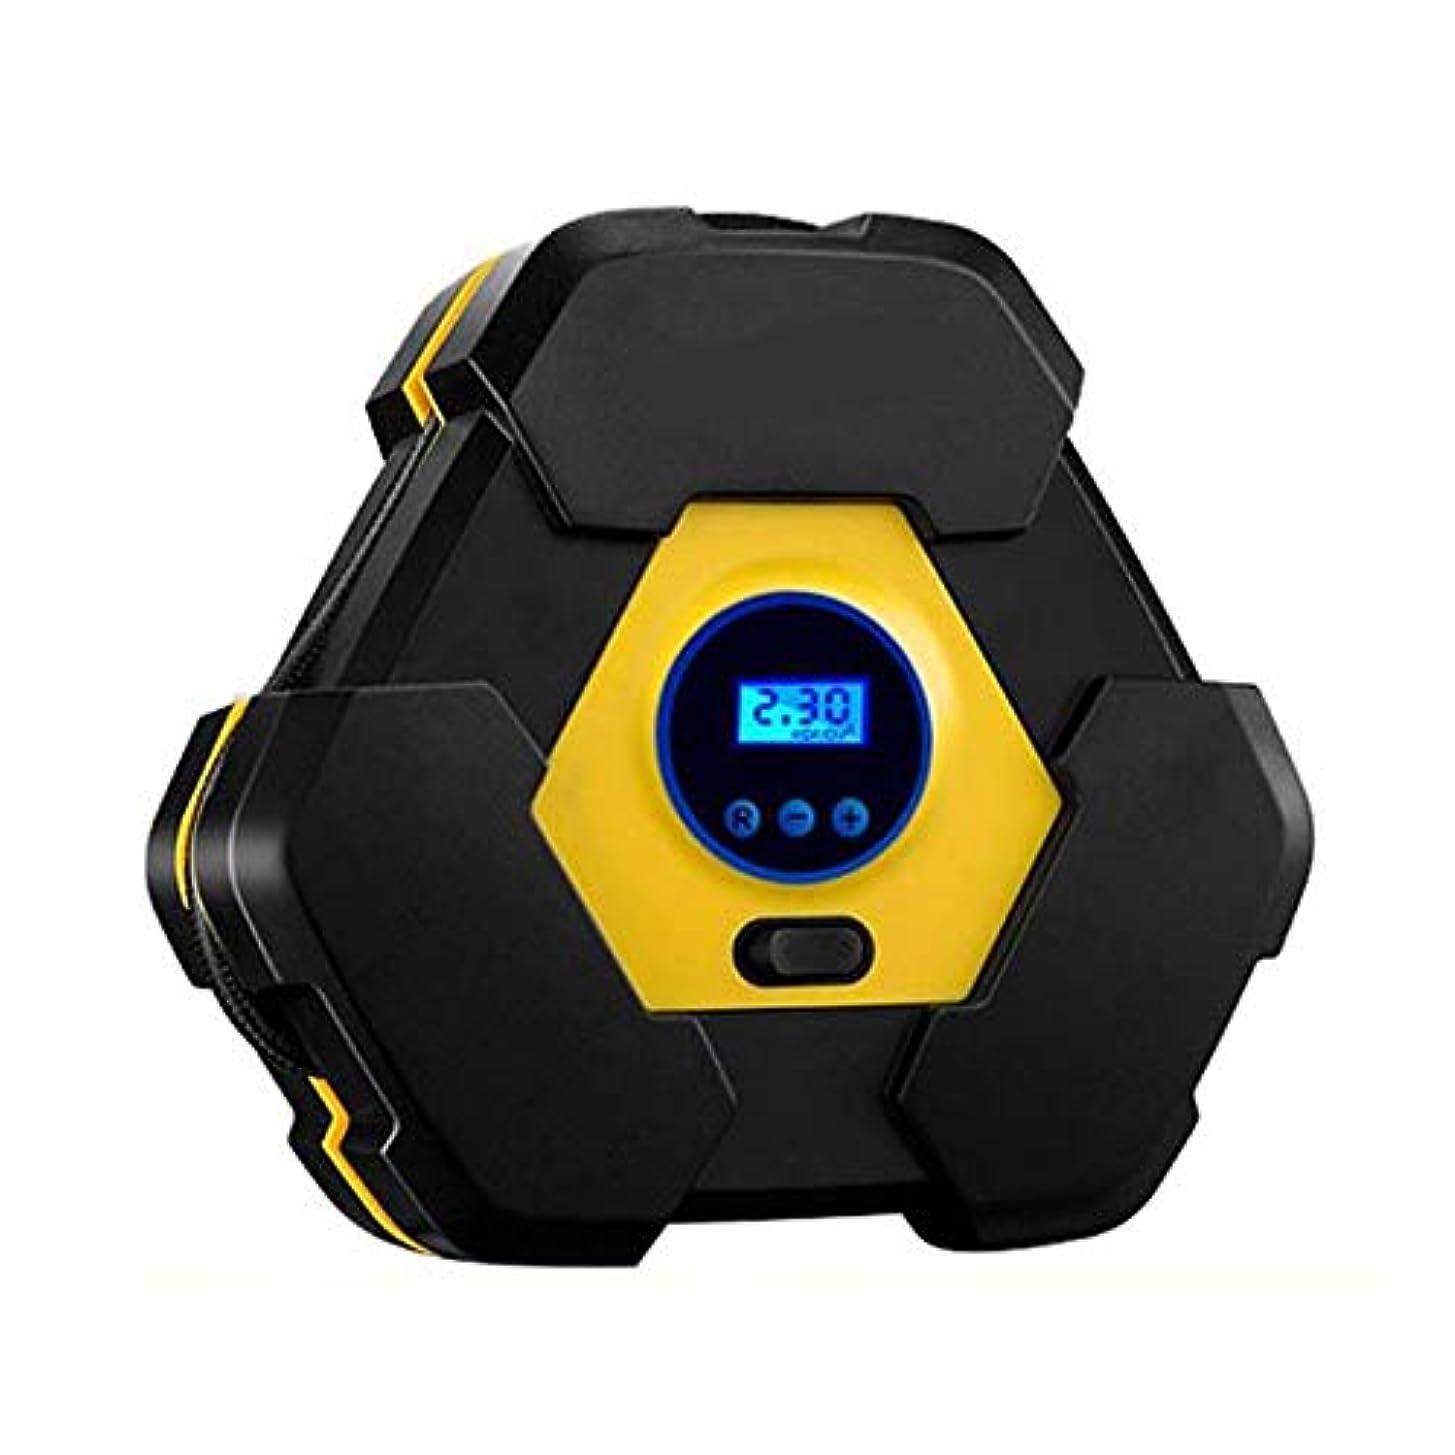 クラブ粘り強いブランド名自動車タイヤボールインフレータブルオブジェクトのポータブルデジタル表示オートエアーコンプレッサーポンプDC 12V 150PSI